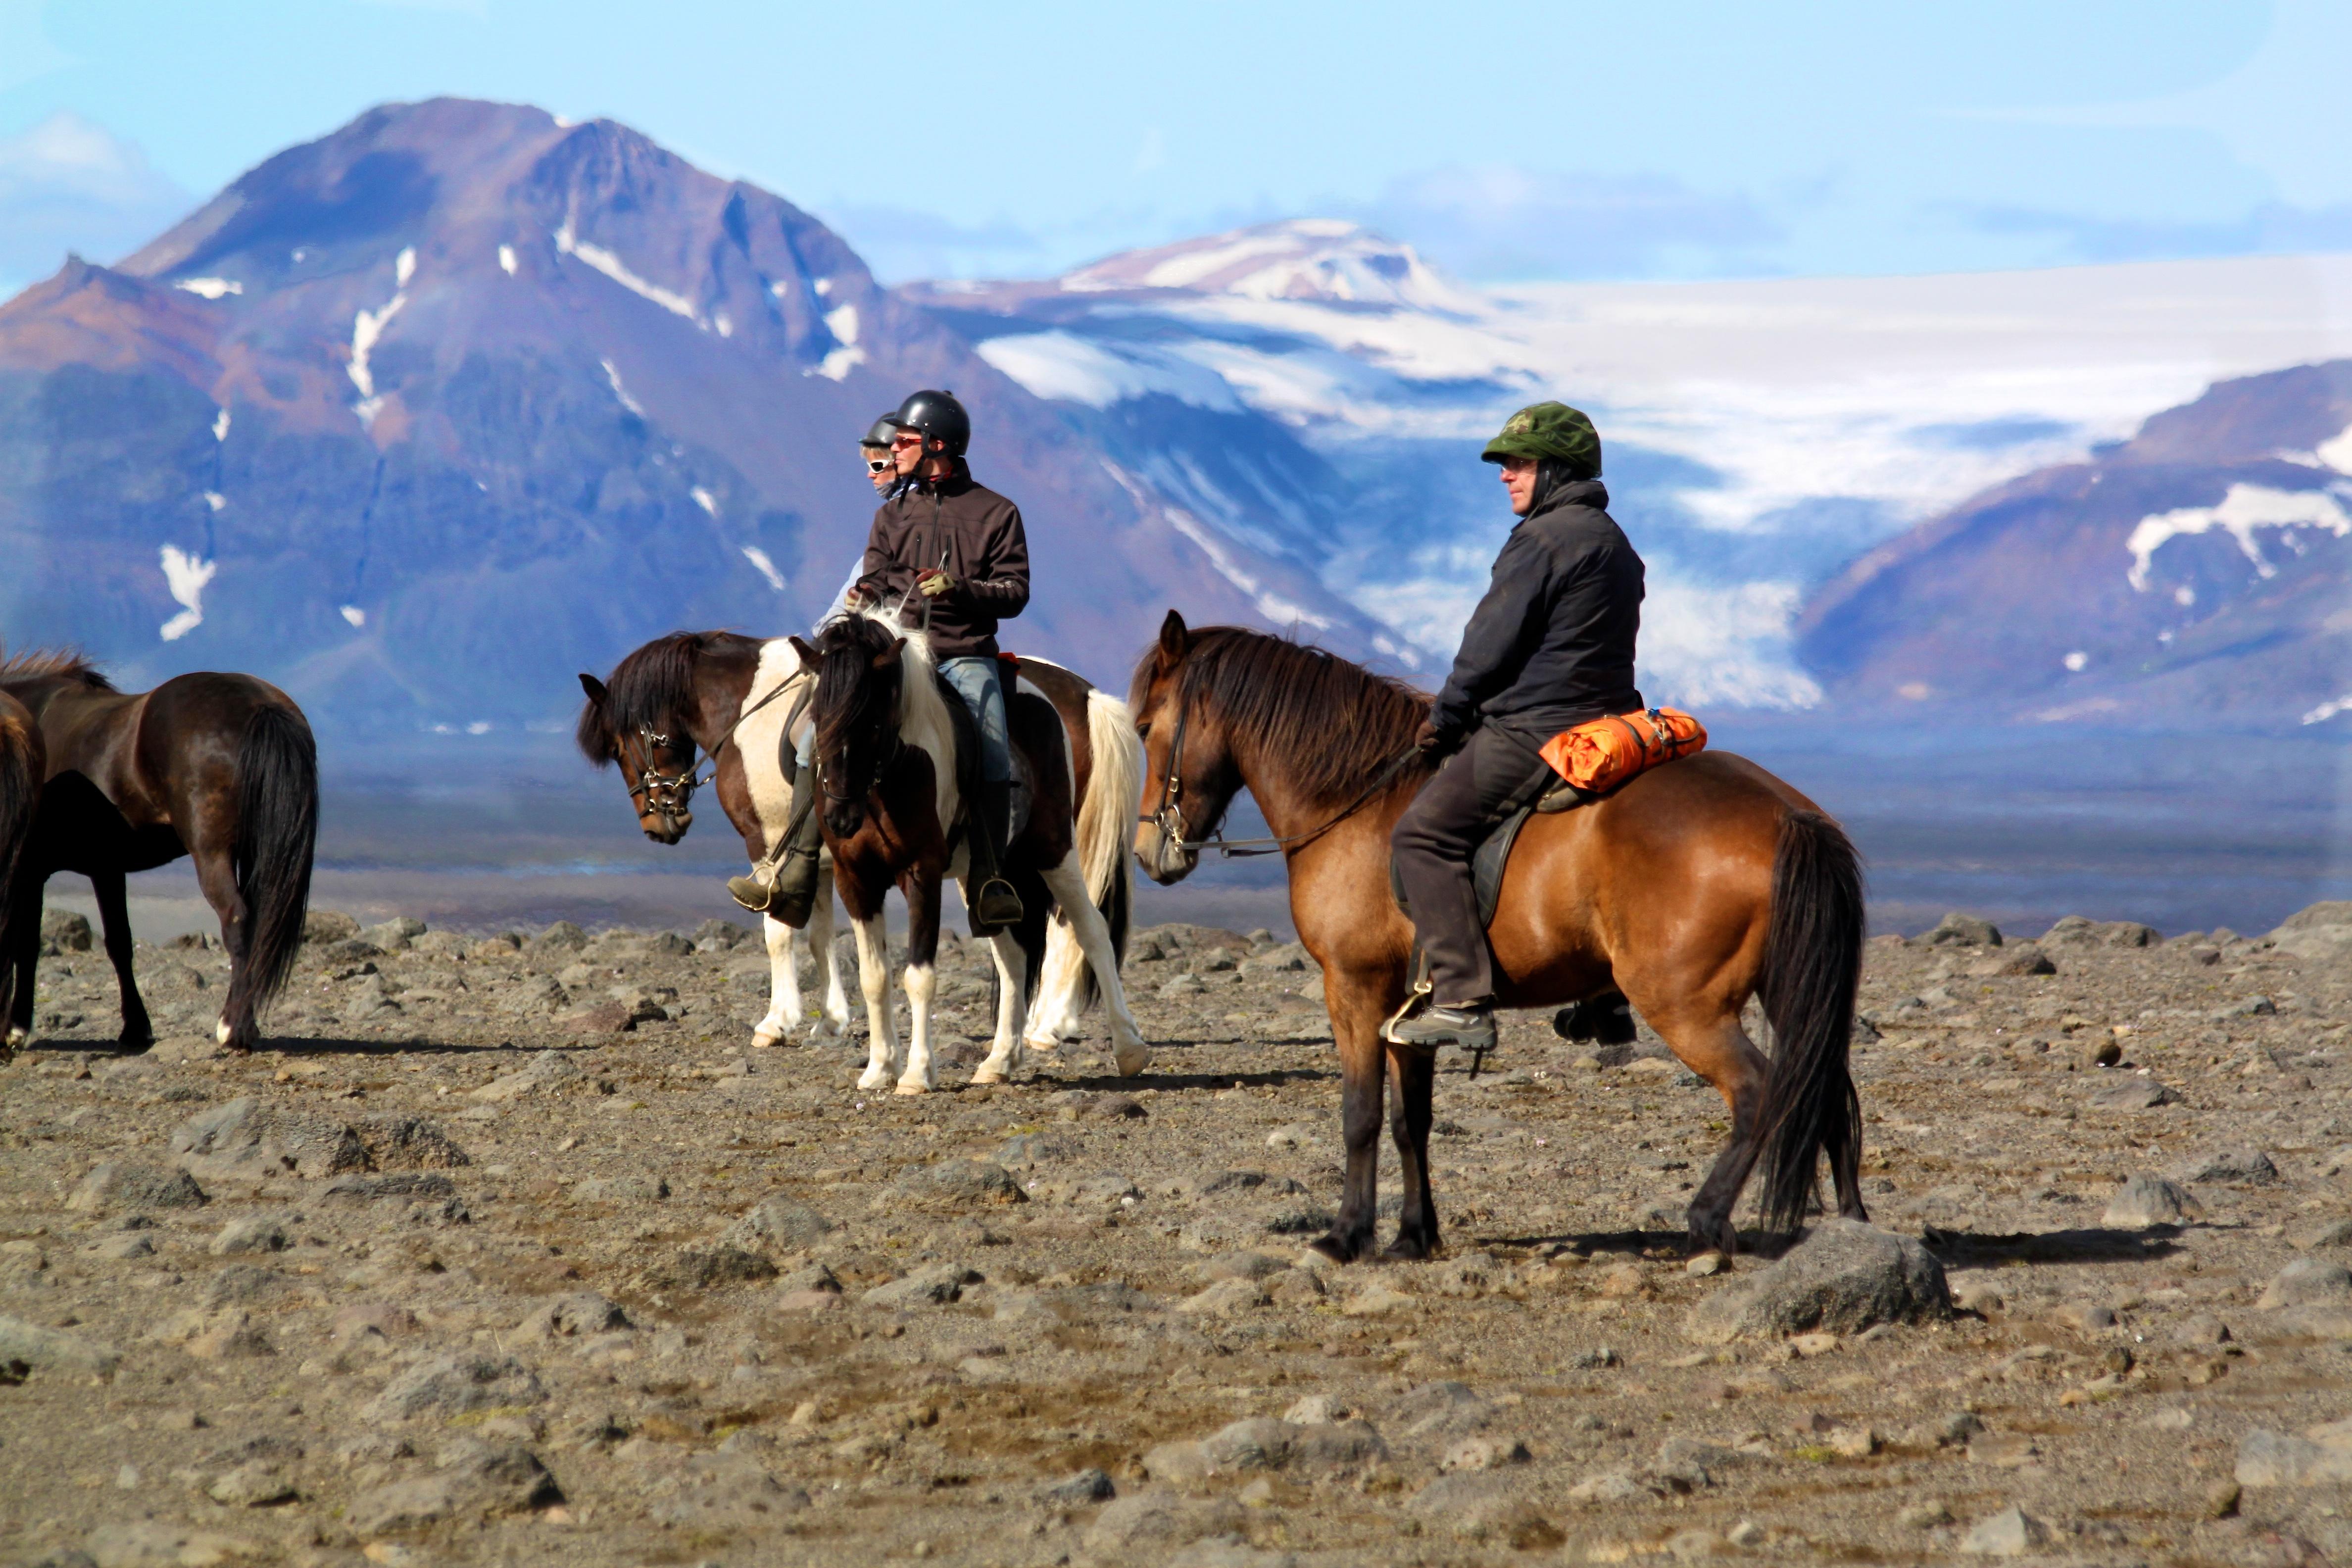 Reitergruppe vor Gletscherkulisse